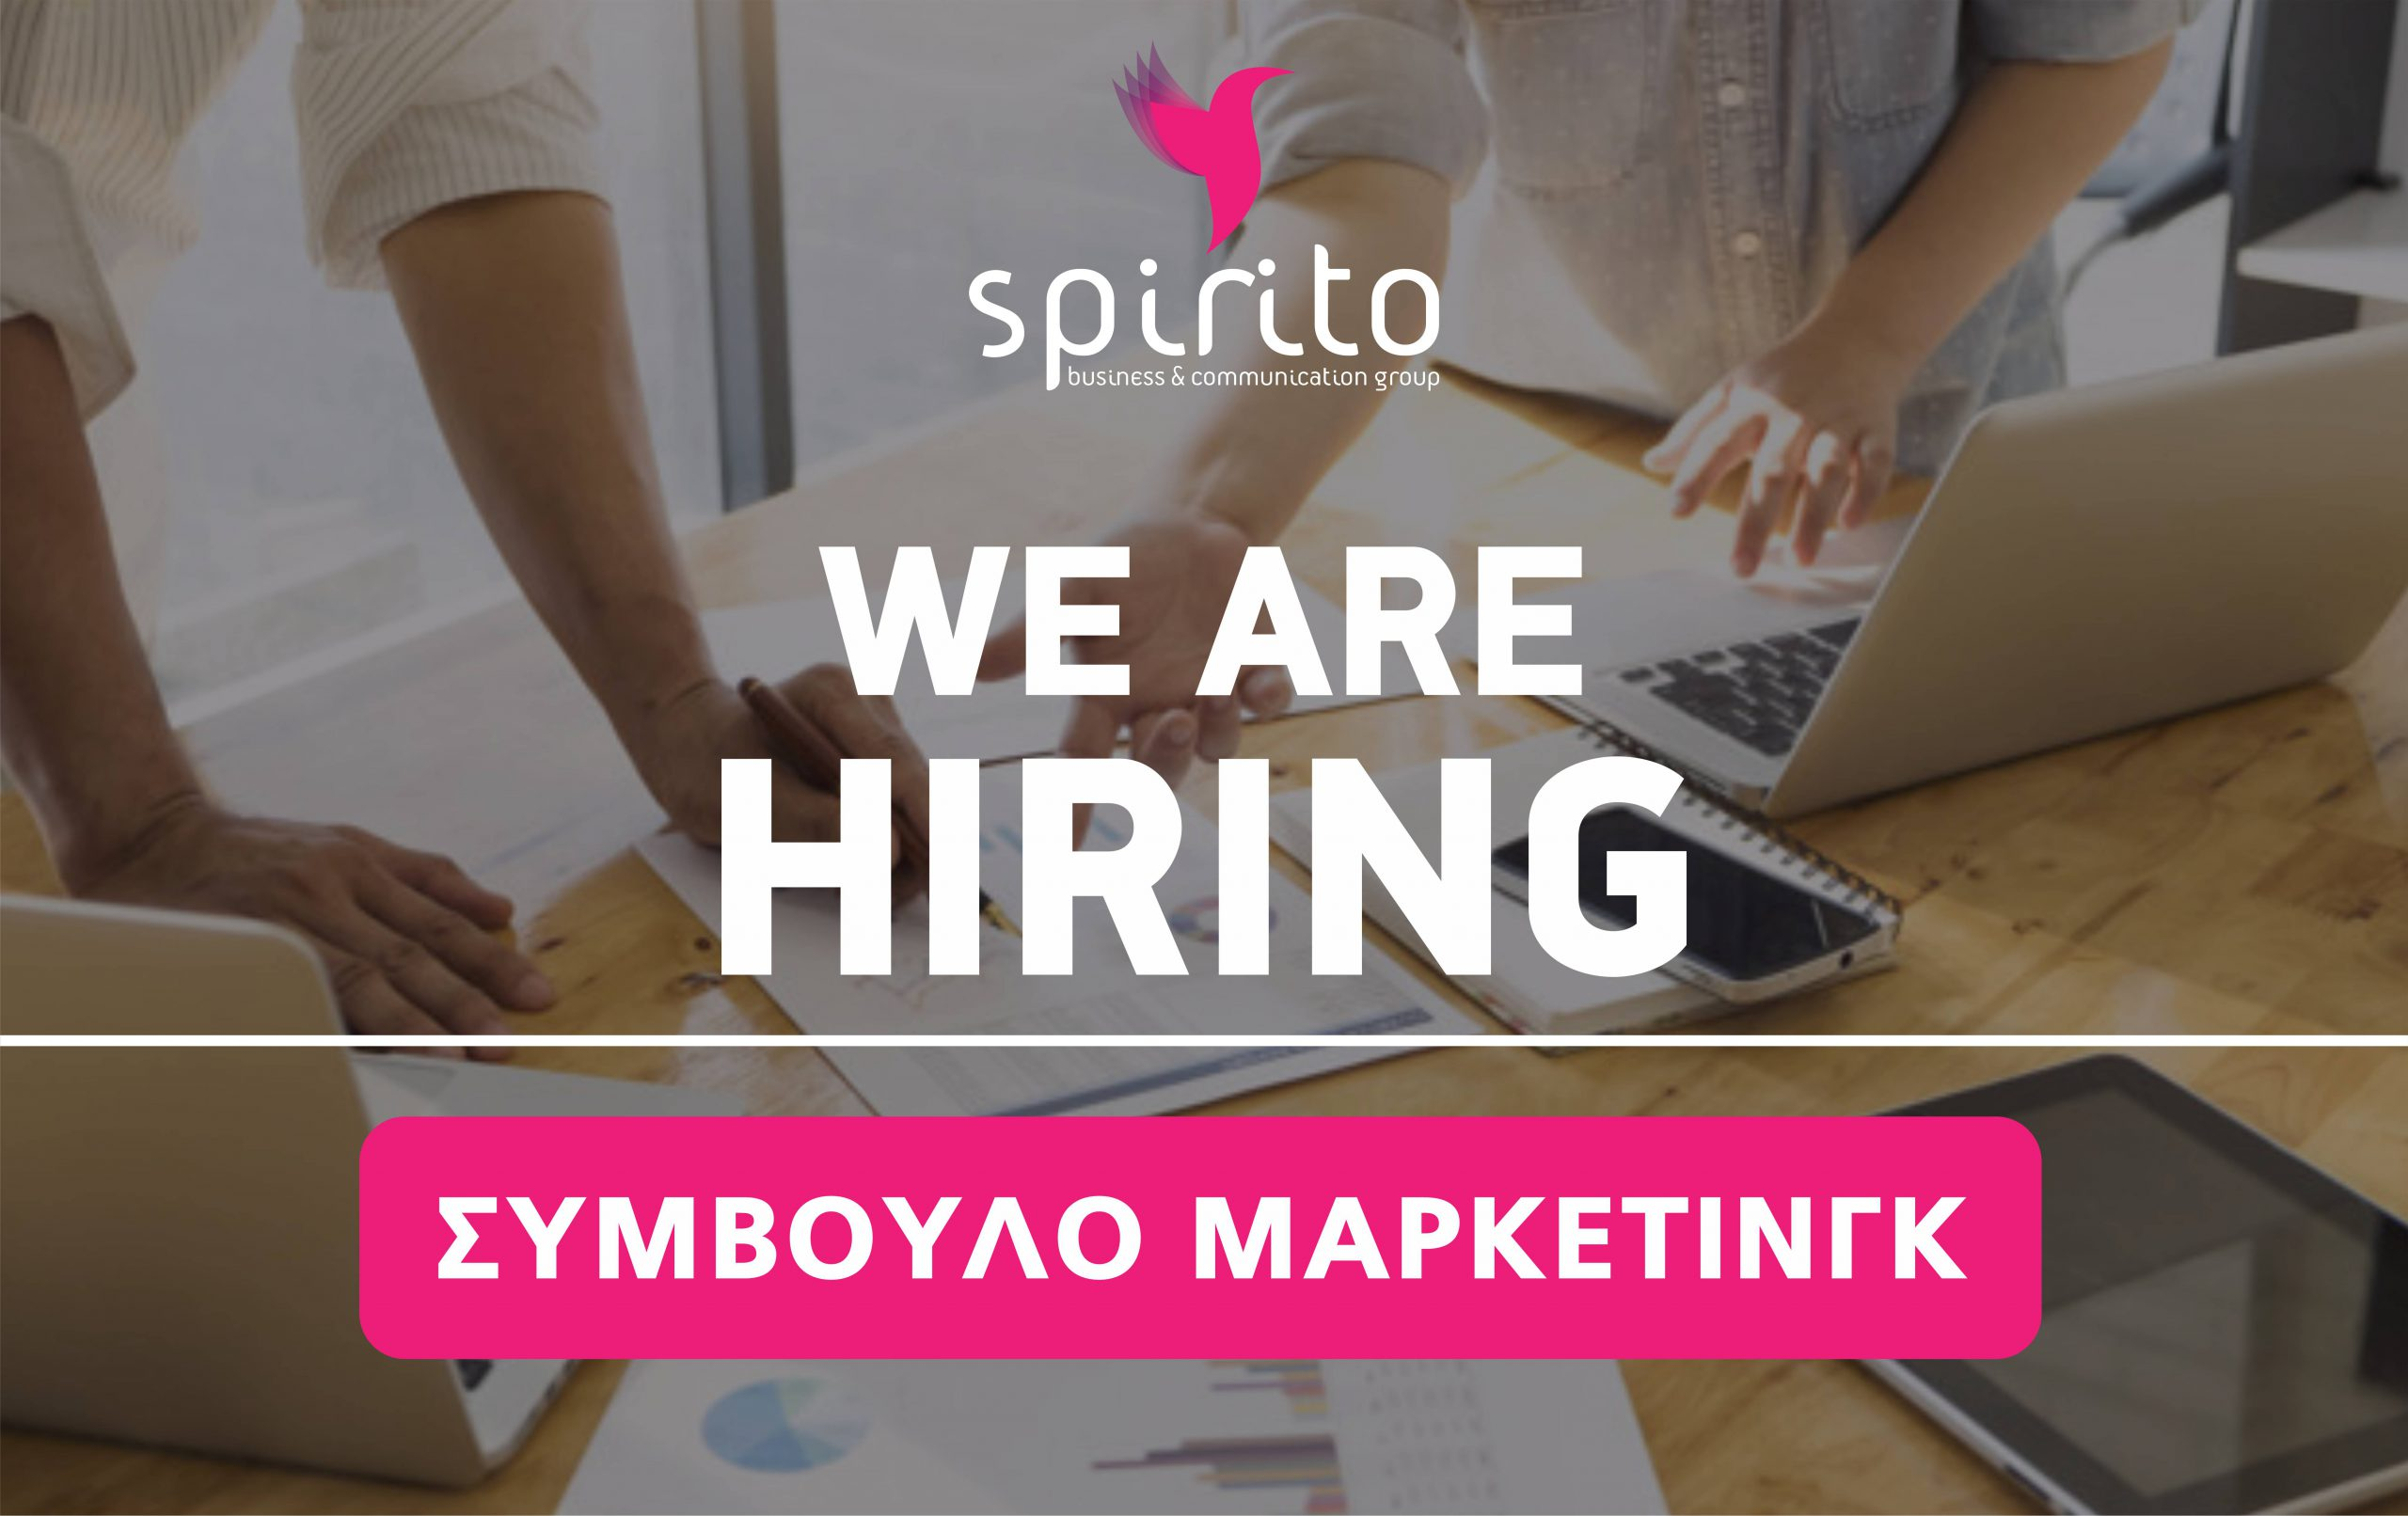 spirito we are hiring symboylos marketingk scaled